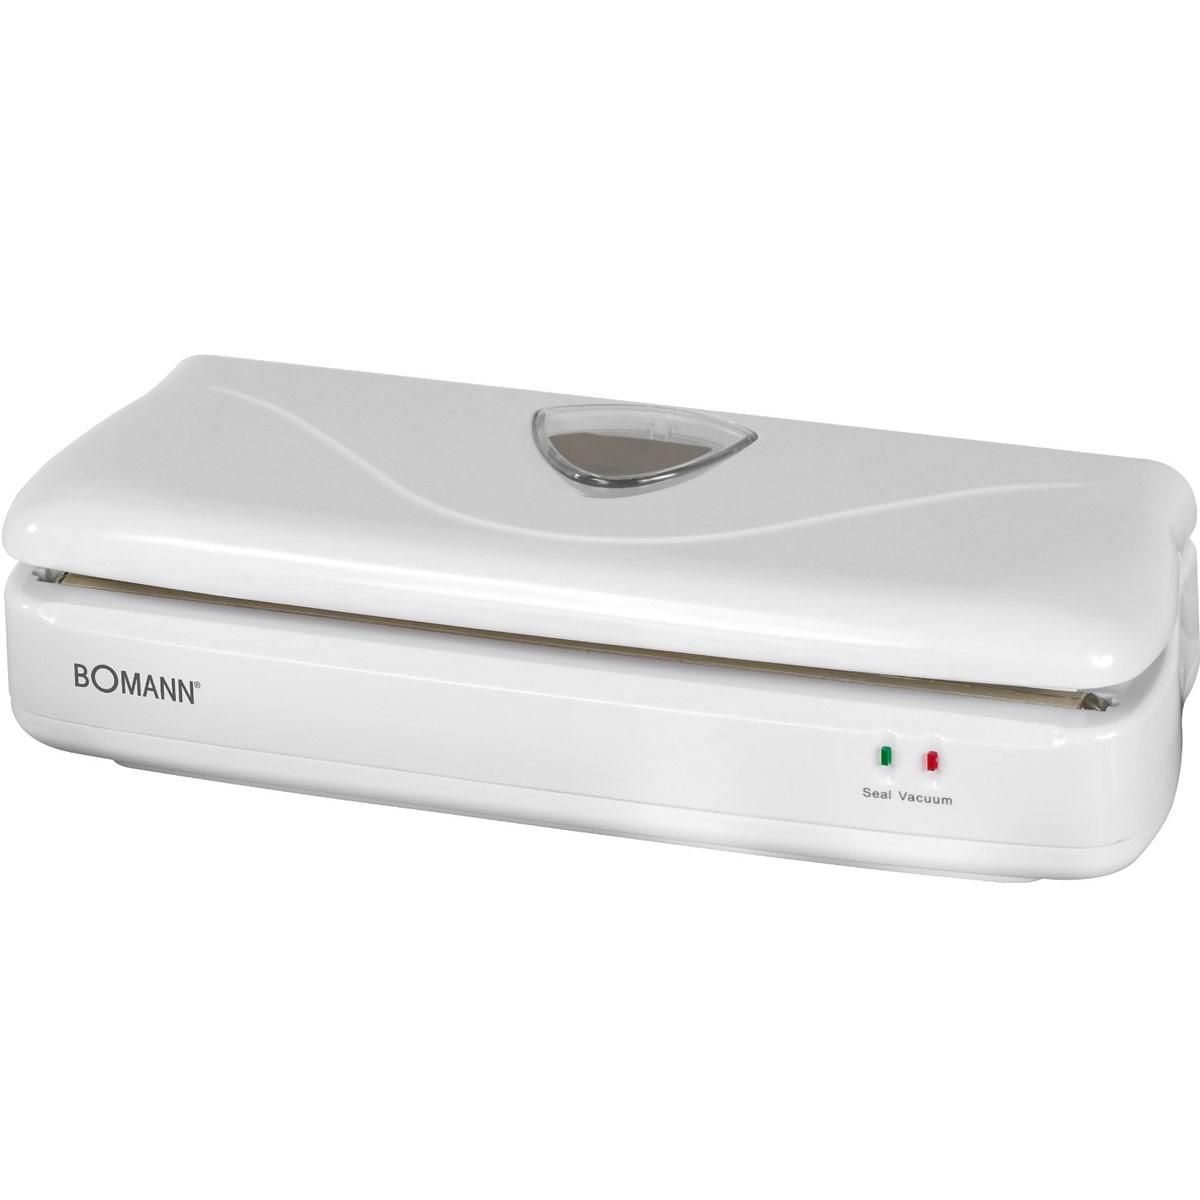 Вакуумный упаковщик Bomann FS 1014 CB, White вакуумный упаковщик redmond rvs m020 серебристый черный